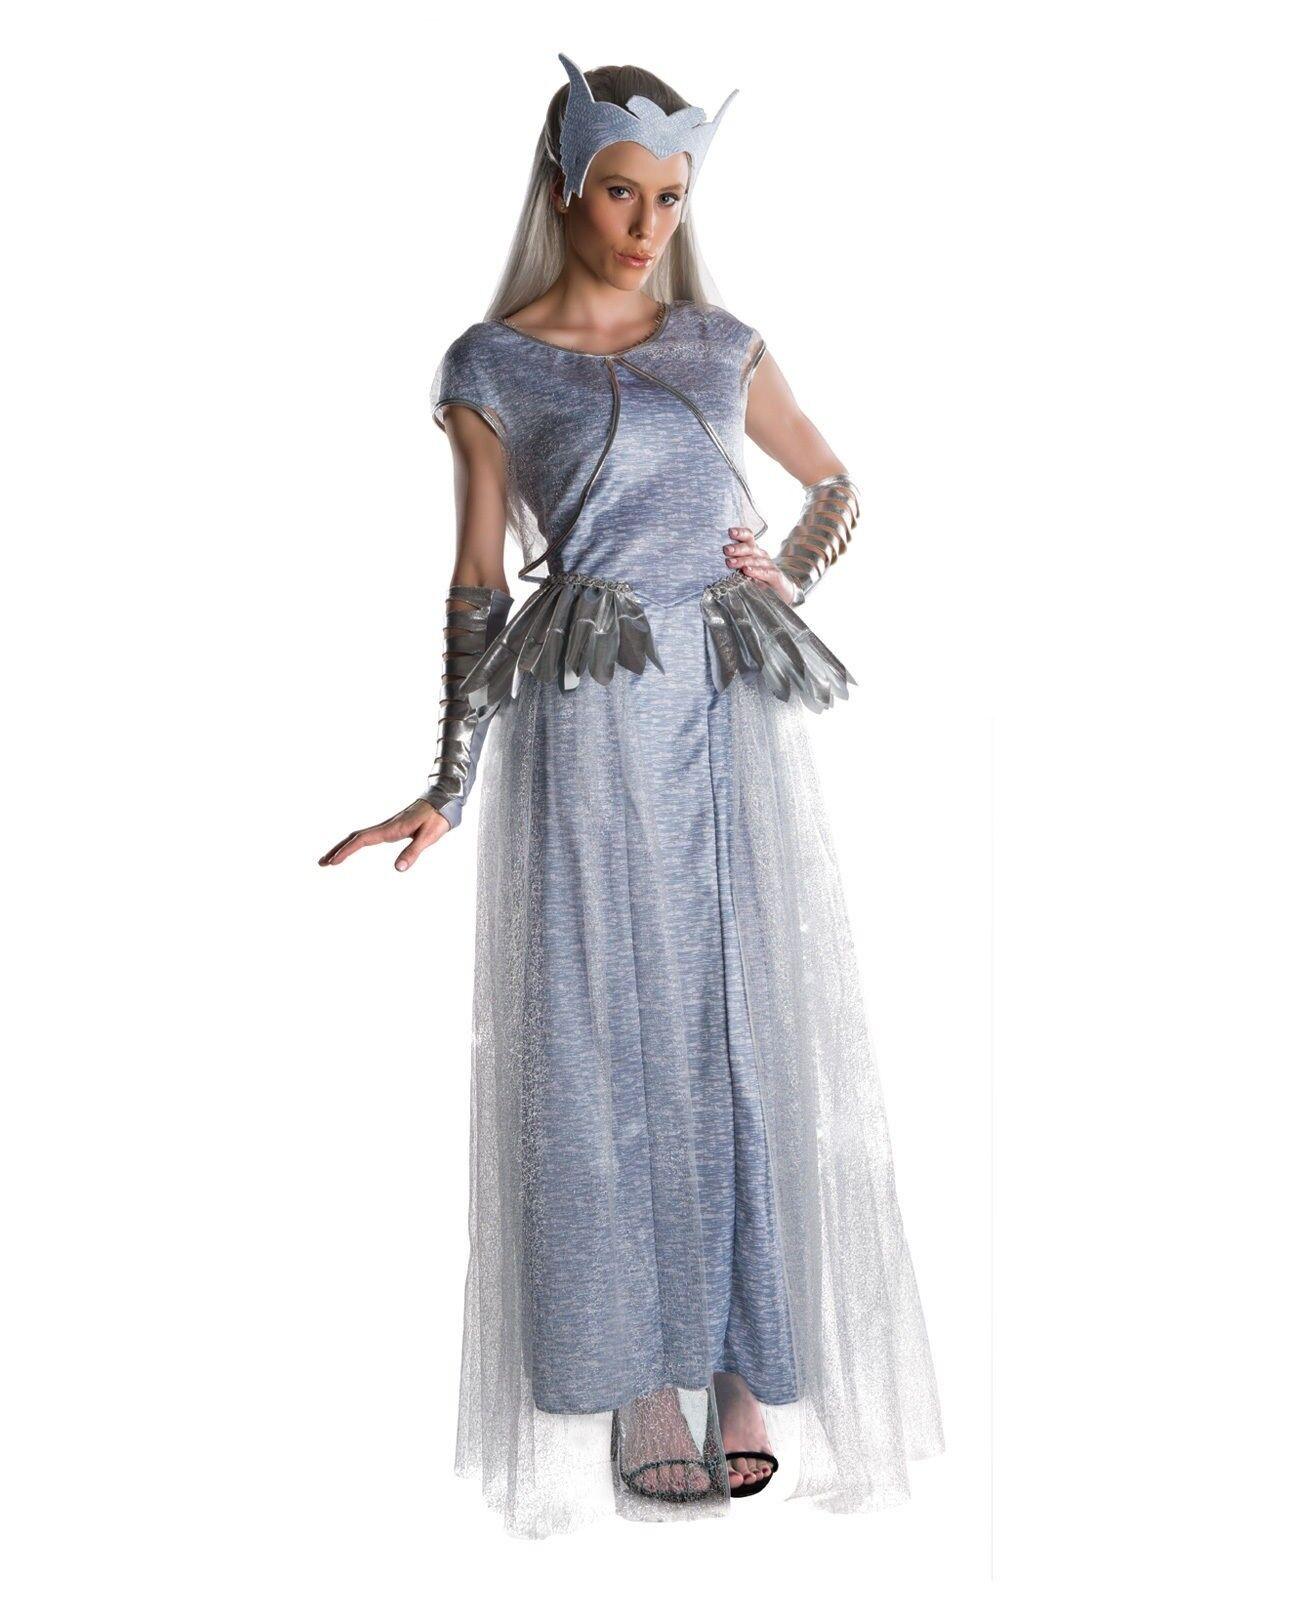 Adult Women S Snow White Huntsman Deluxe Freya Costume Dress Crown Ice Queen For Sale Online